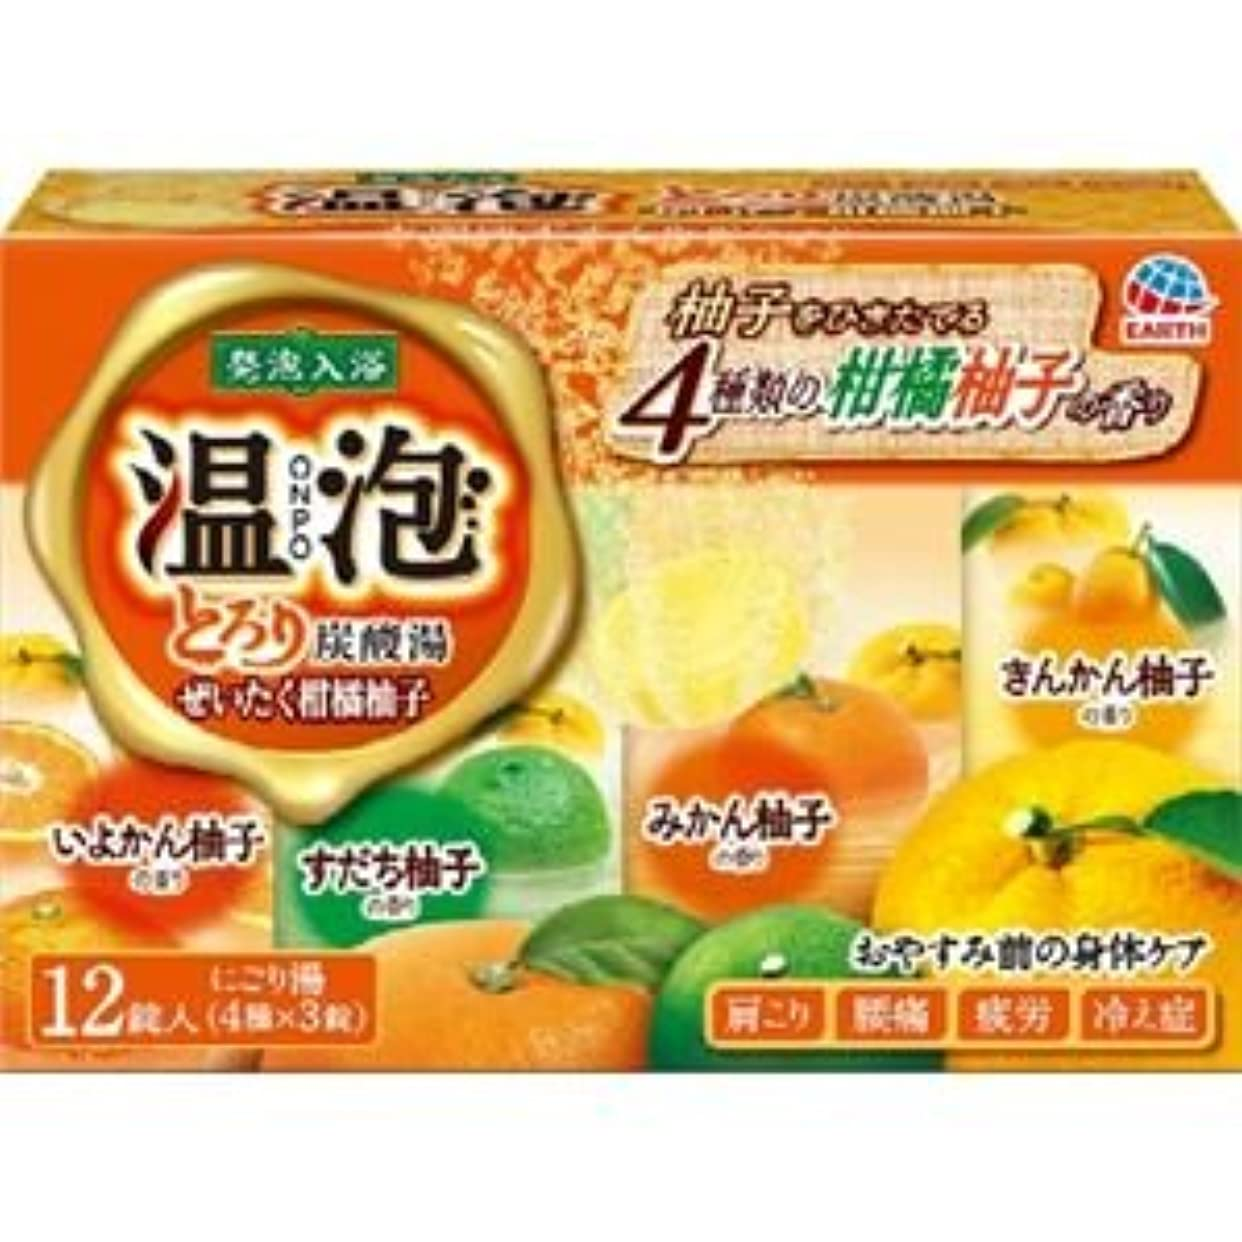 勇敢なラベンダーバズ(まとめ)アース製薬 温泡とろり炭酸湯ぜいたく柑橘柚子12錠入 【×3点セット】